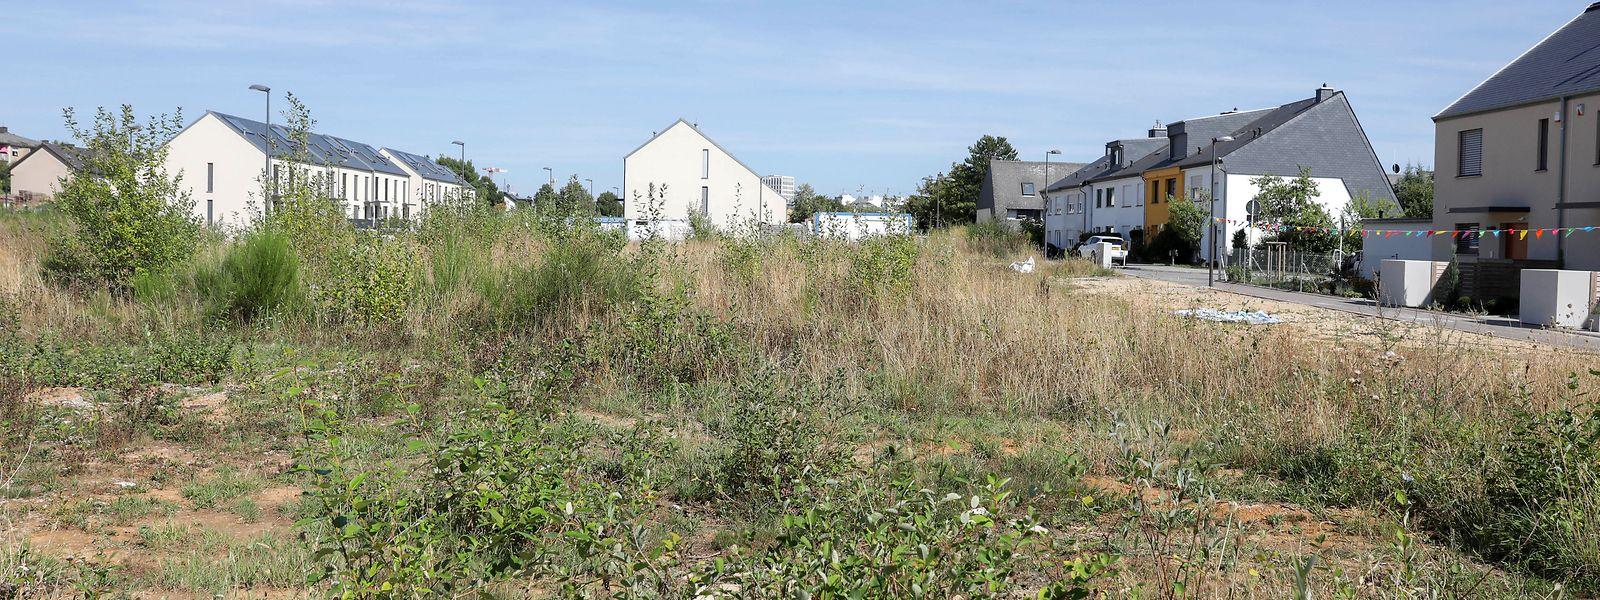 Trop de terrains restent encore vierges de constructions car leurs propriétaires ont trouvé là une rente bien avantageuse, au détriment des capacités de logement du pays.